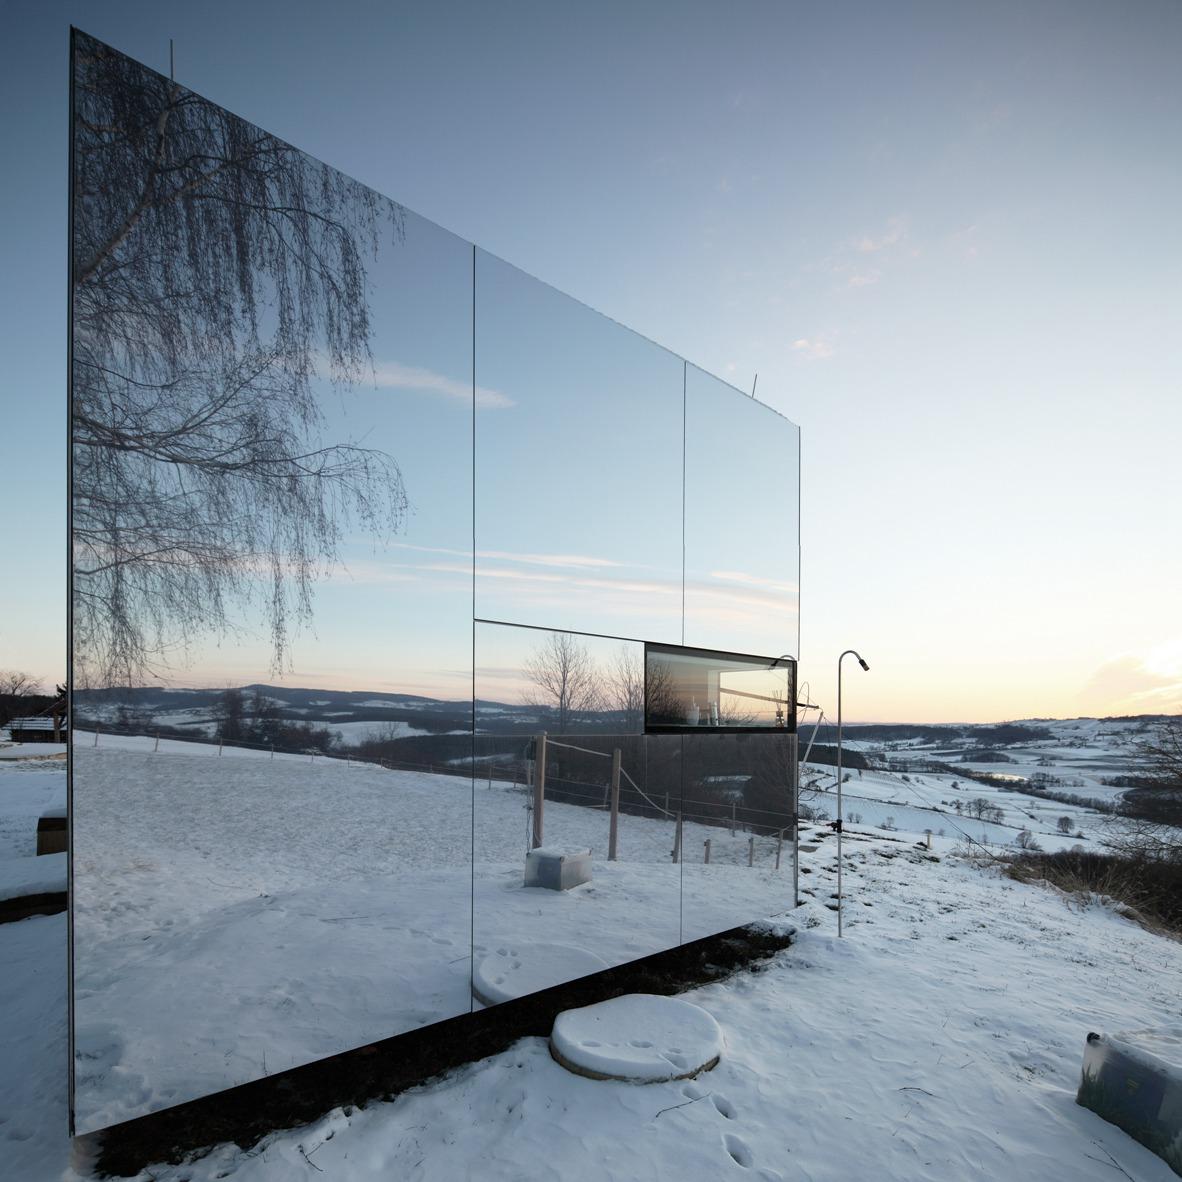 casa-invisibile-slovenia-delugan-meissl-dezeen-low-cost-housing-sq-852x852.jpg